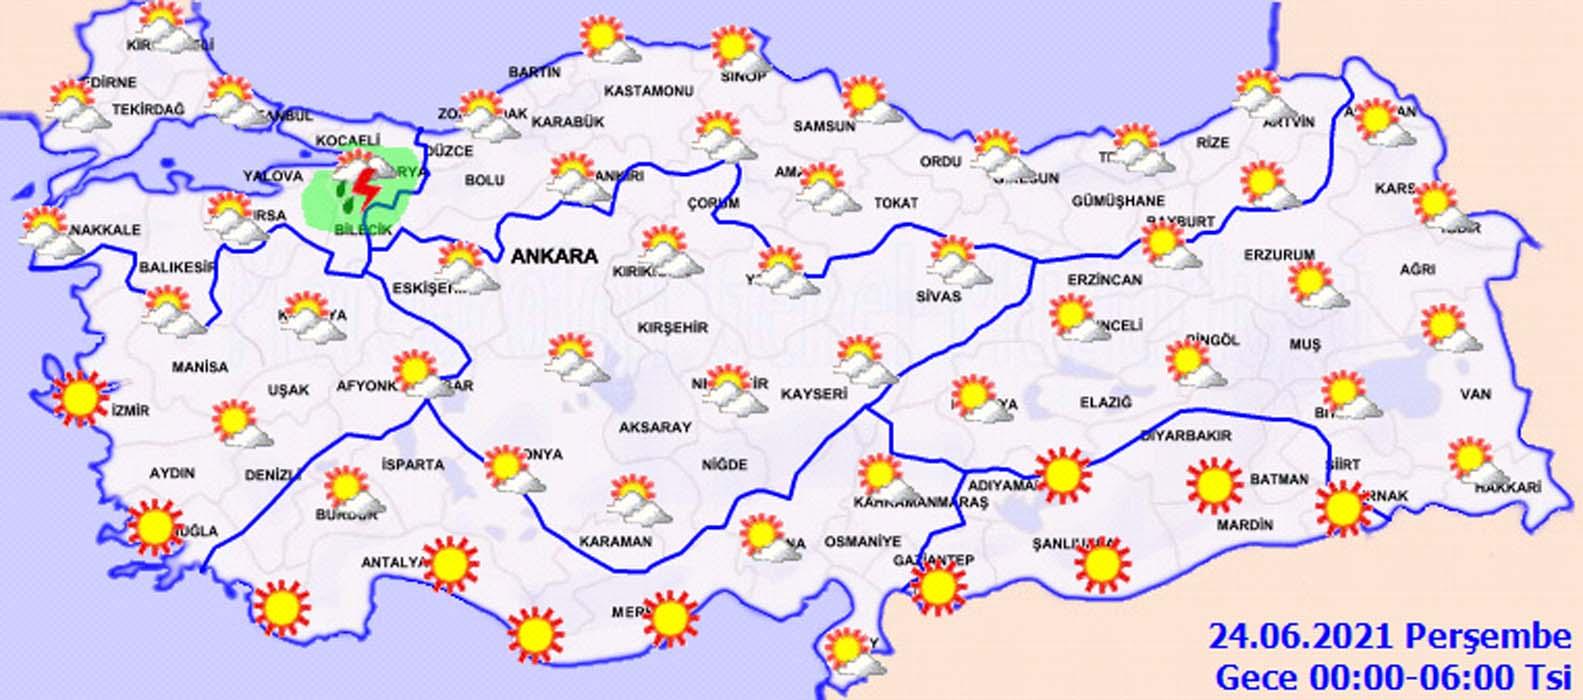 Meteoroloji'den 23 Haziran 2021 Çarşamba hava durumu uyarısı: İstanbullular dikkat: Sel ve hortum geliyor!